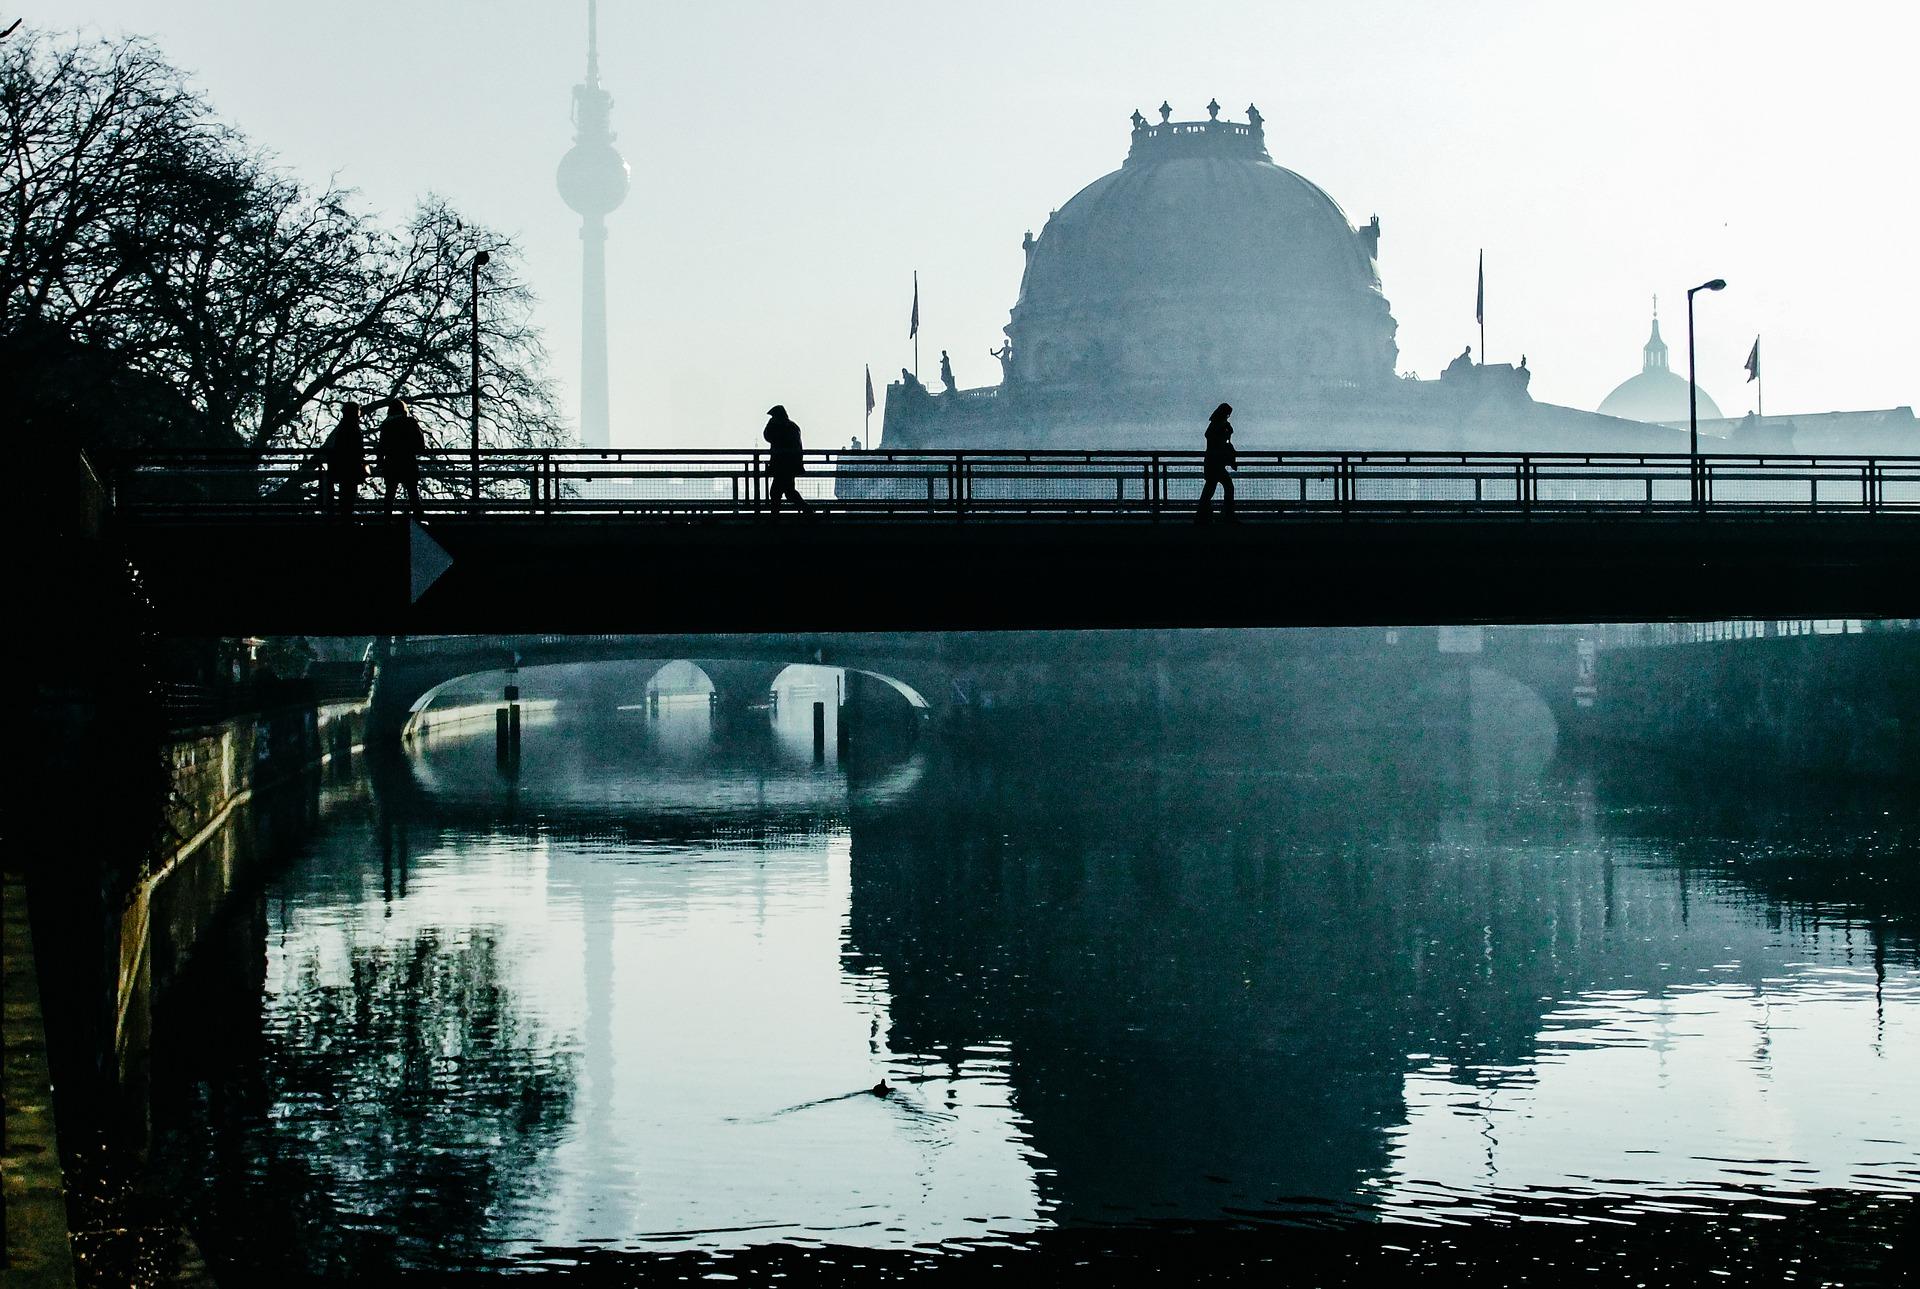 Власти Германии приняли решение продлить карантинные меры из-за COVID-19 до 7 марта. Фото: pixabay.com